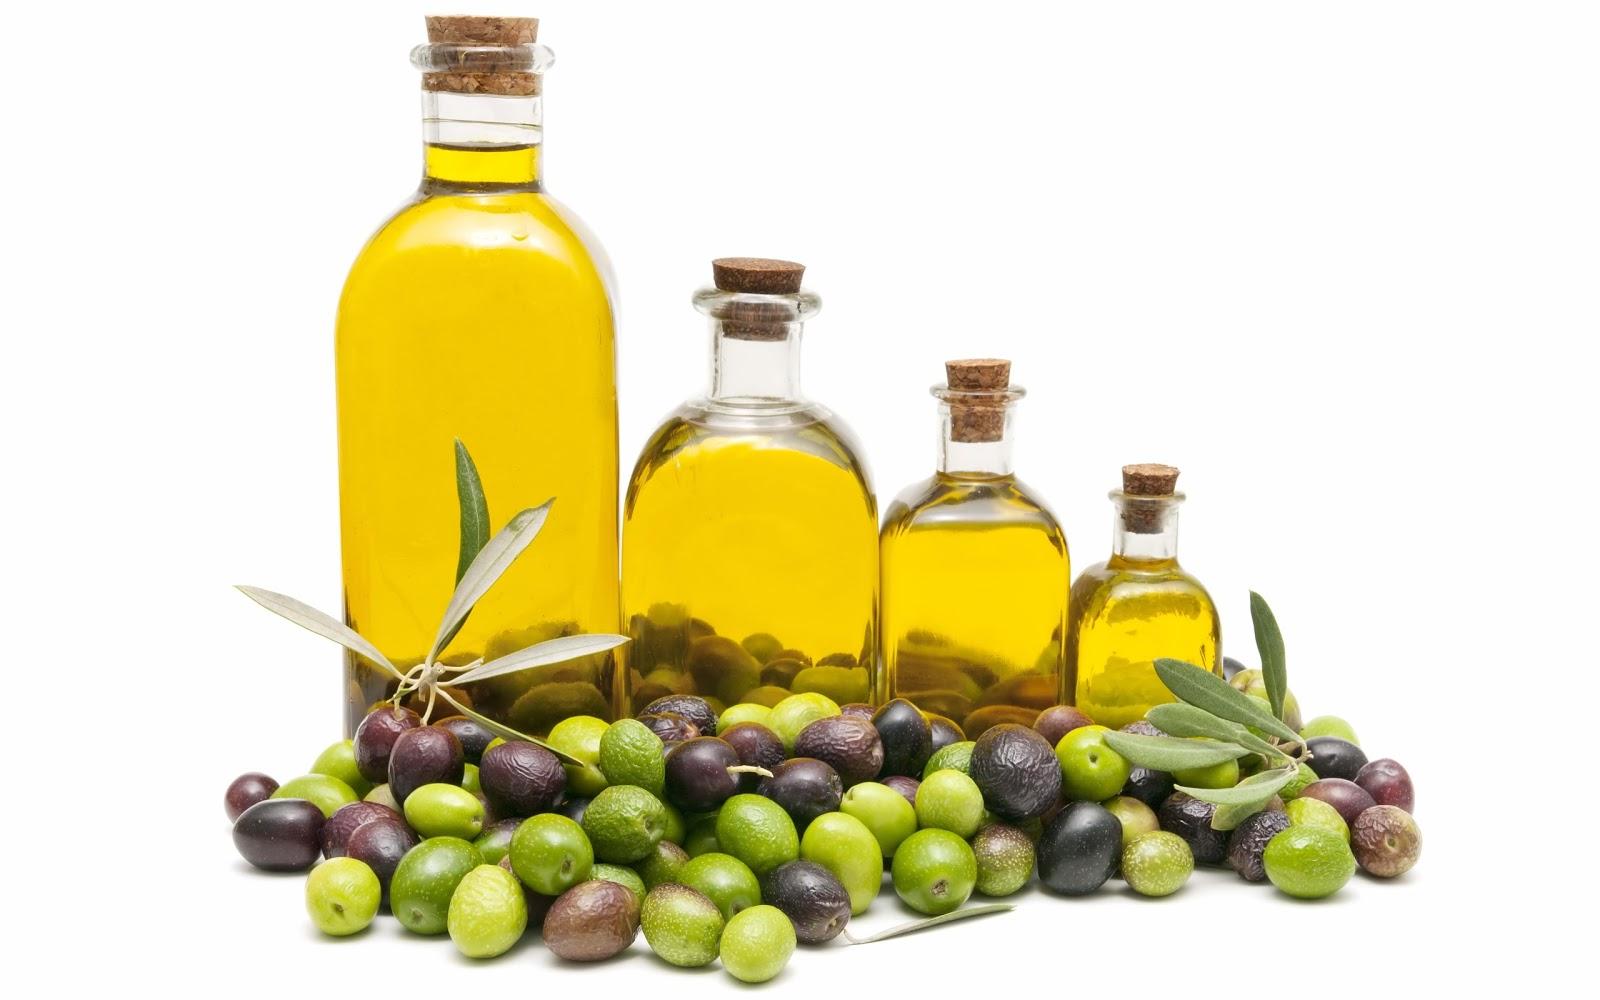 Manfaat Minyak Zaitun Untuk Amandel